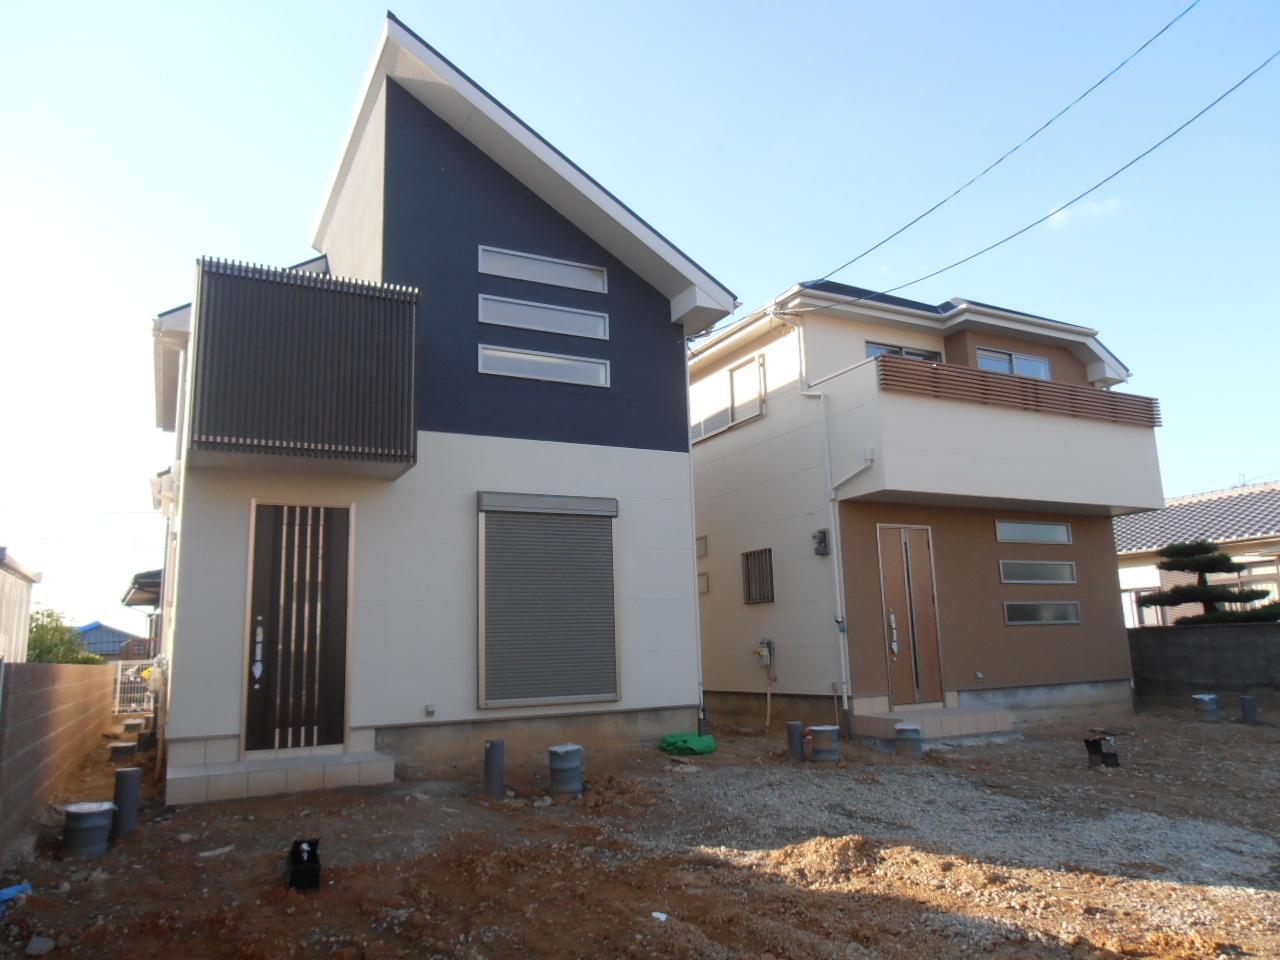 新築一戸建て:堺市西区浜寺船尾町西4丁436-1  南海本線「諏訪ノ森」駅徒歩9分